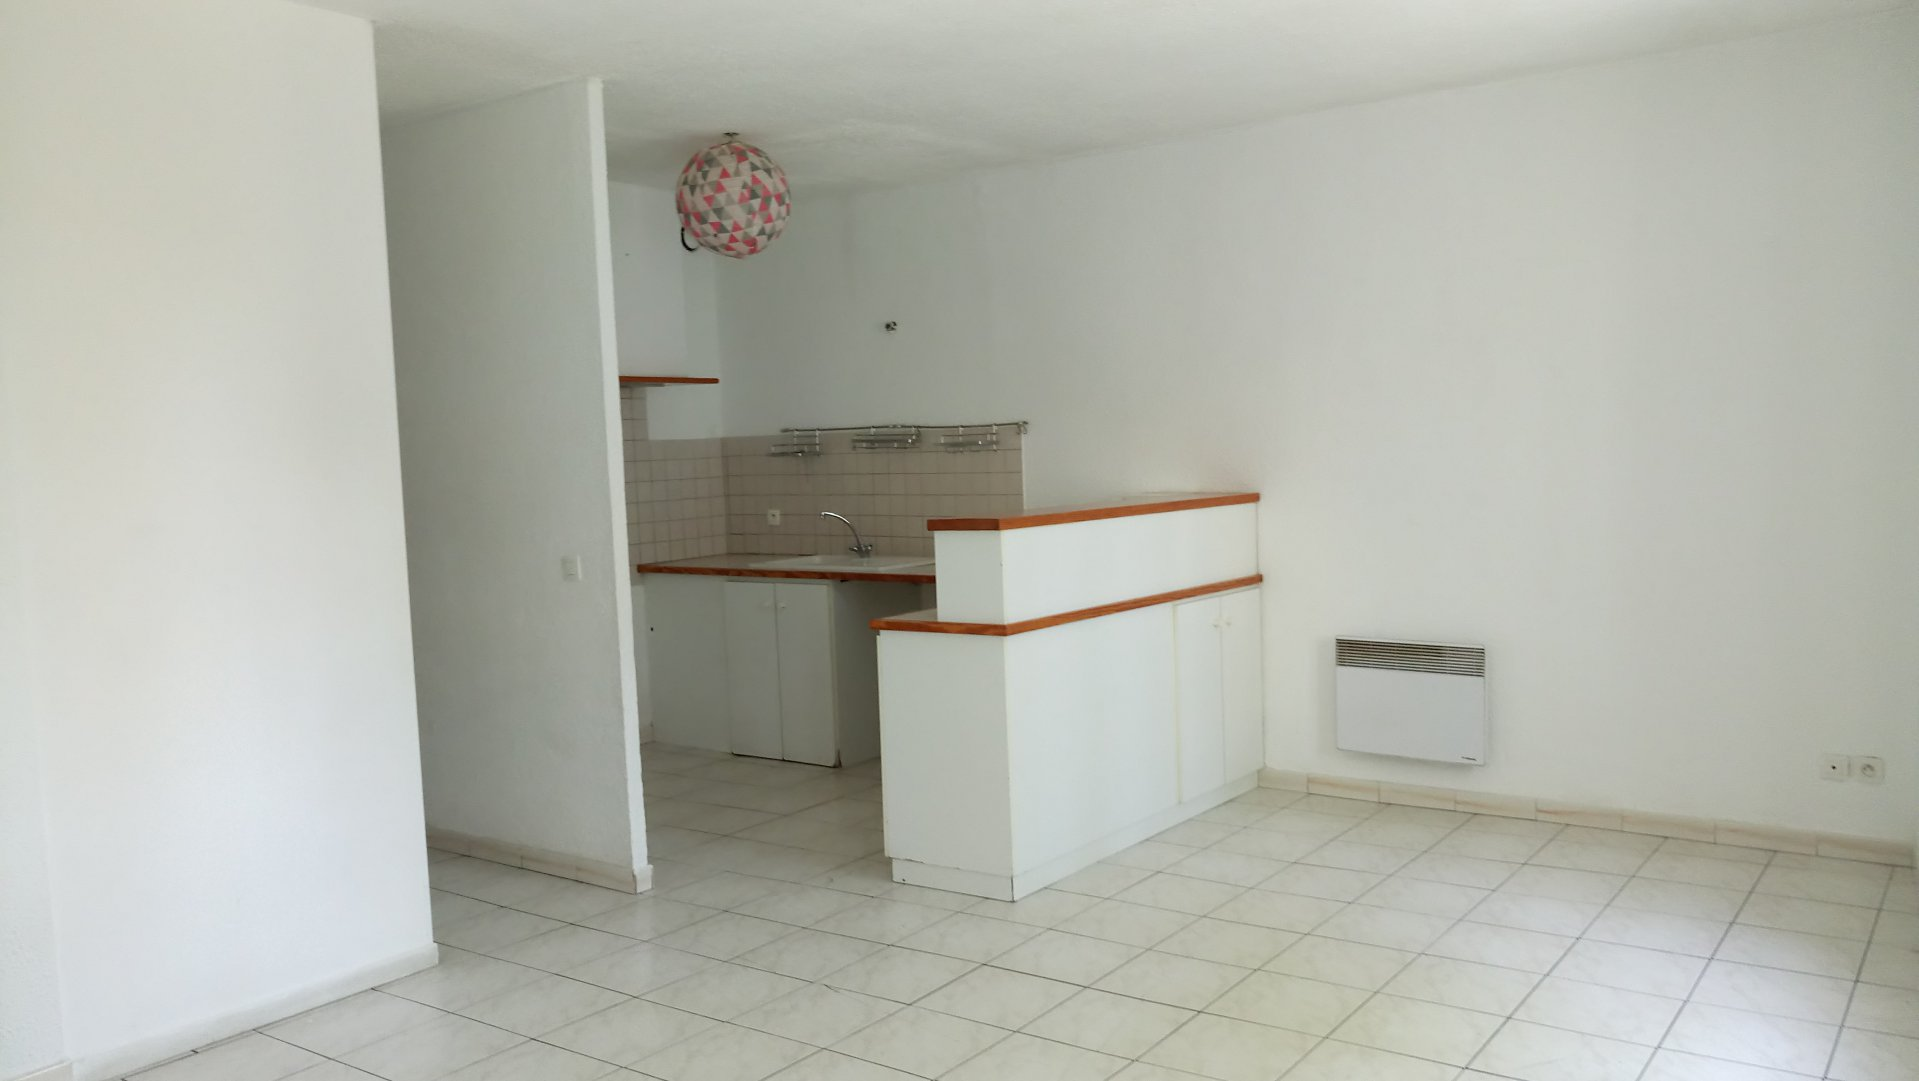 Vente Immeuble Lézignan-Corbières Lézignan-Corbières 11200